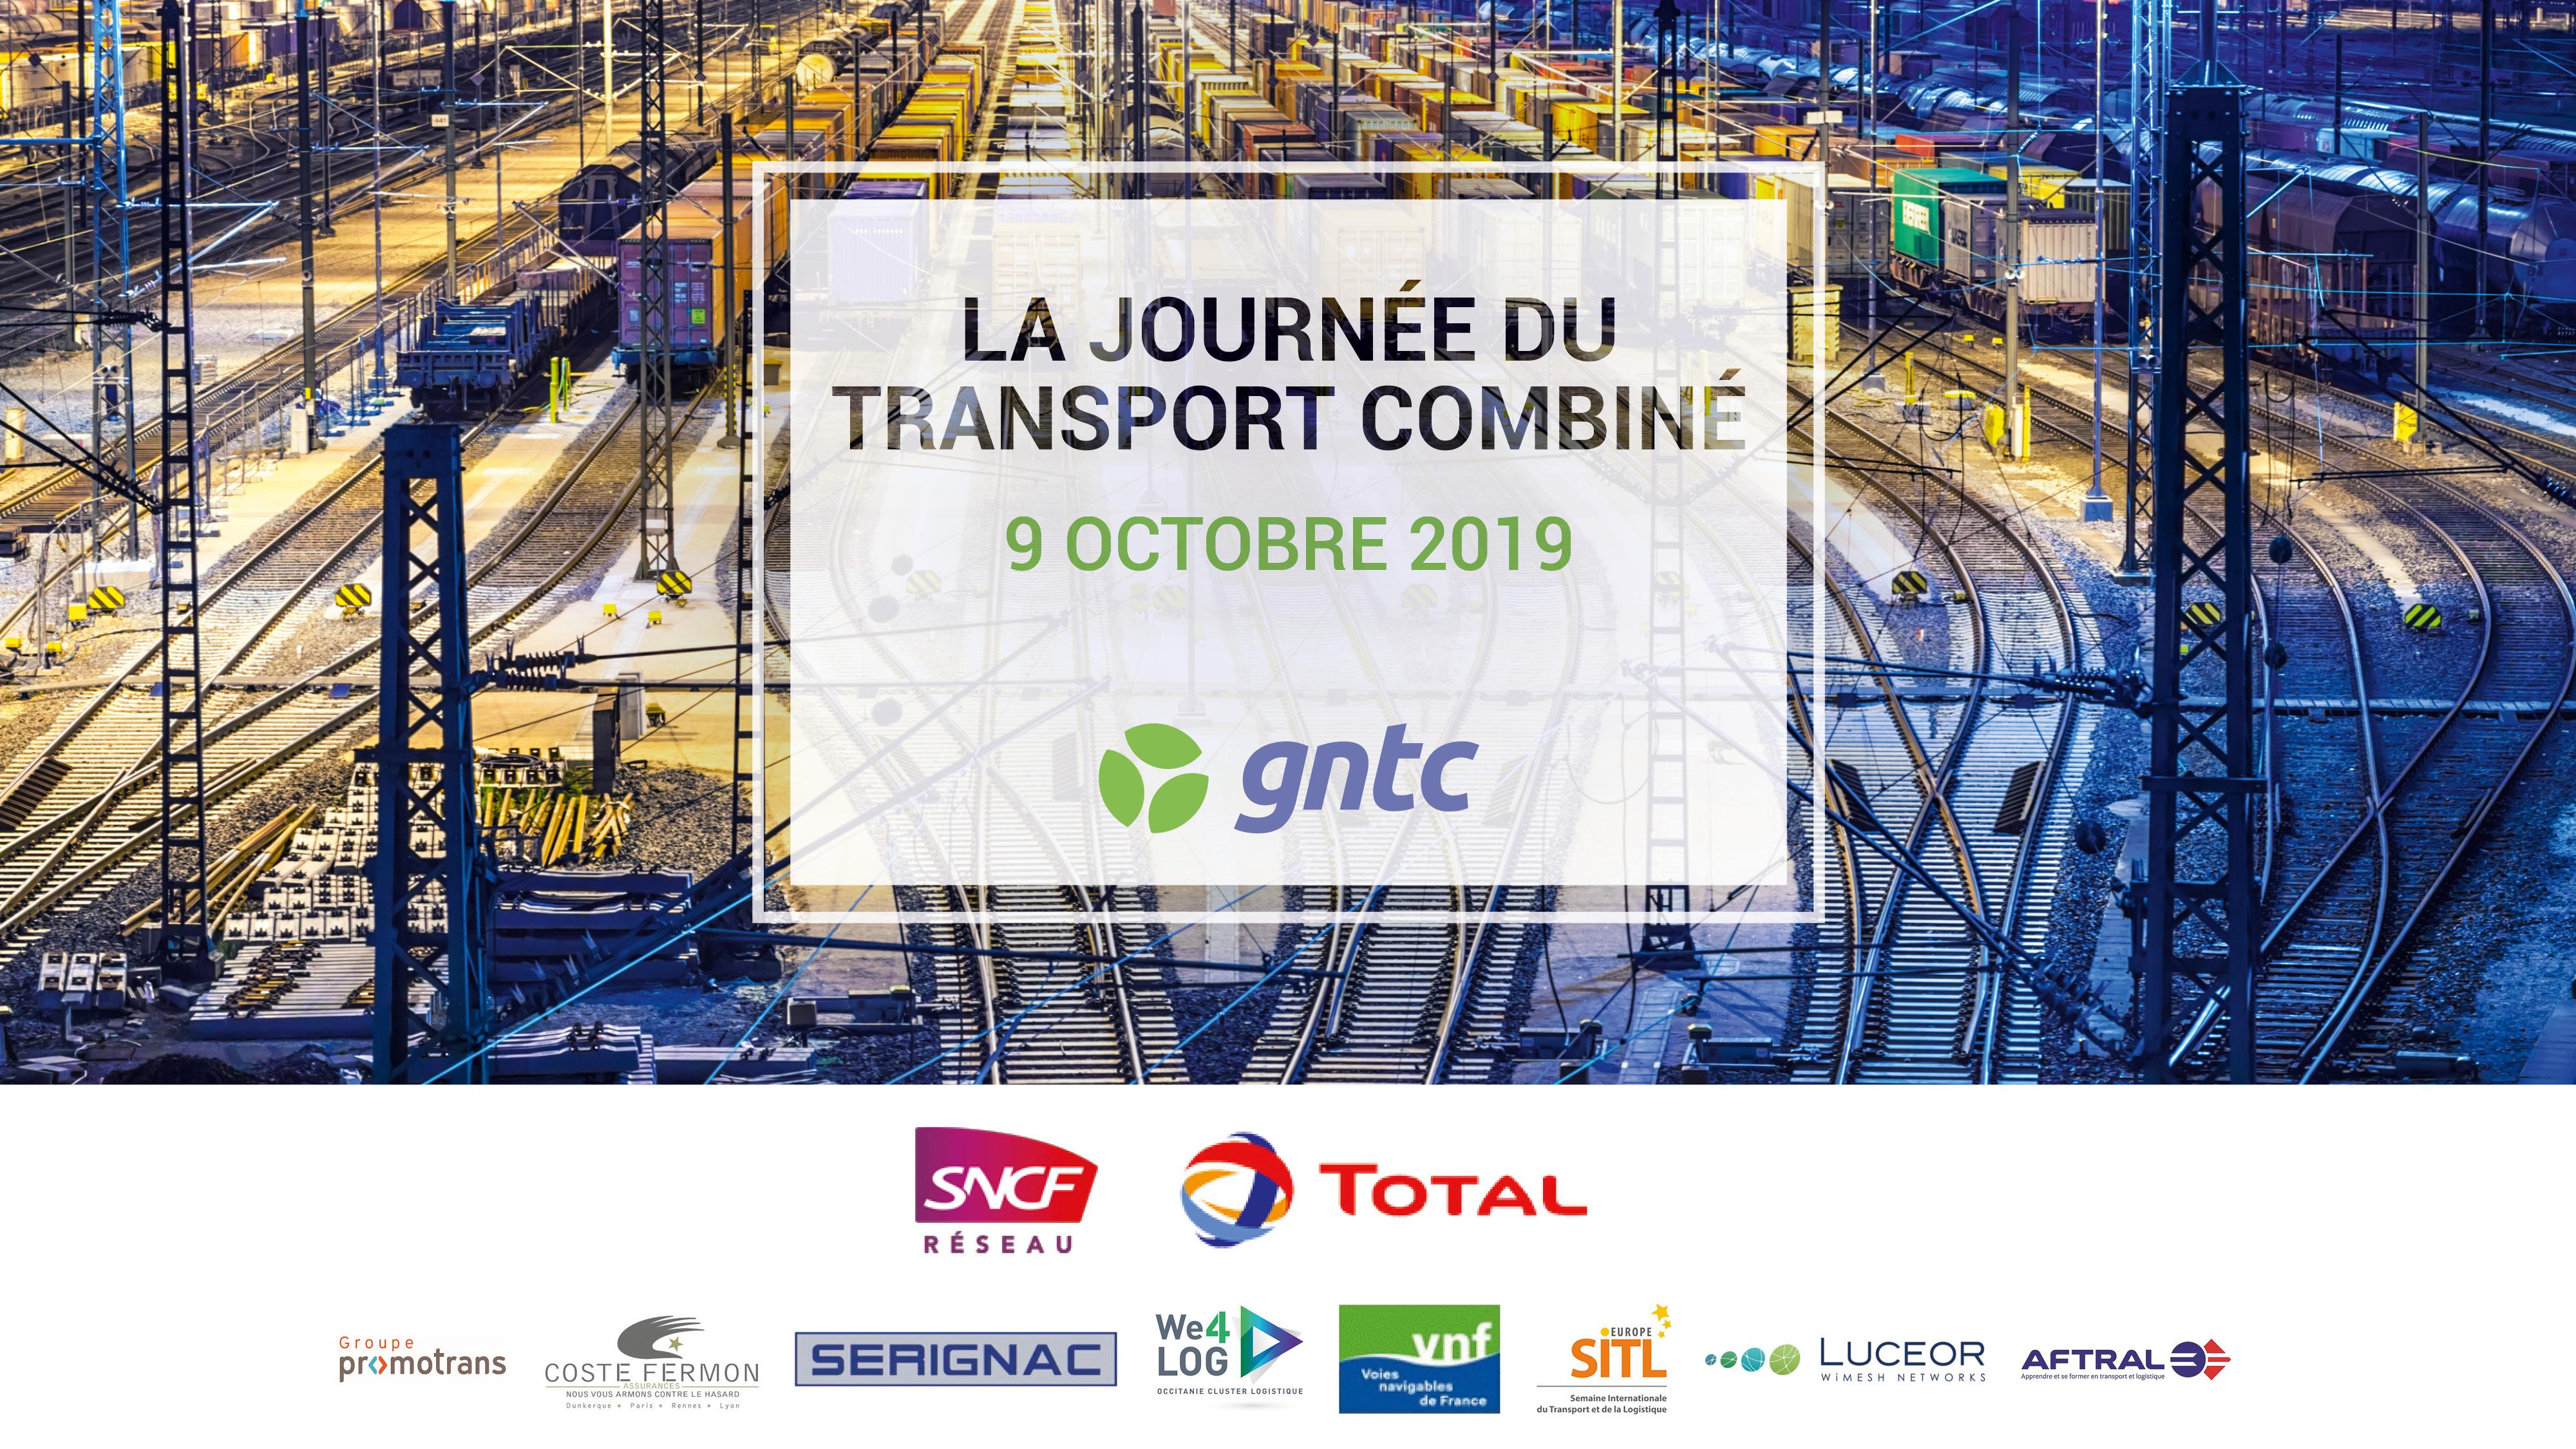 Retour sur la Journée du Transport Combiné – 9 octobre 2019